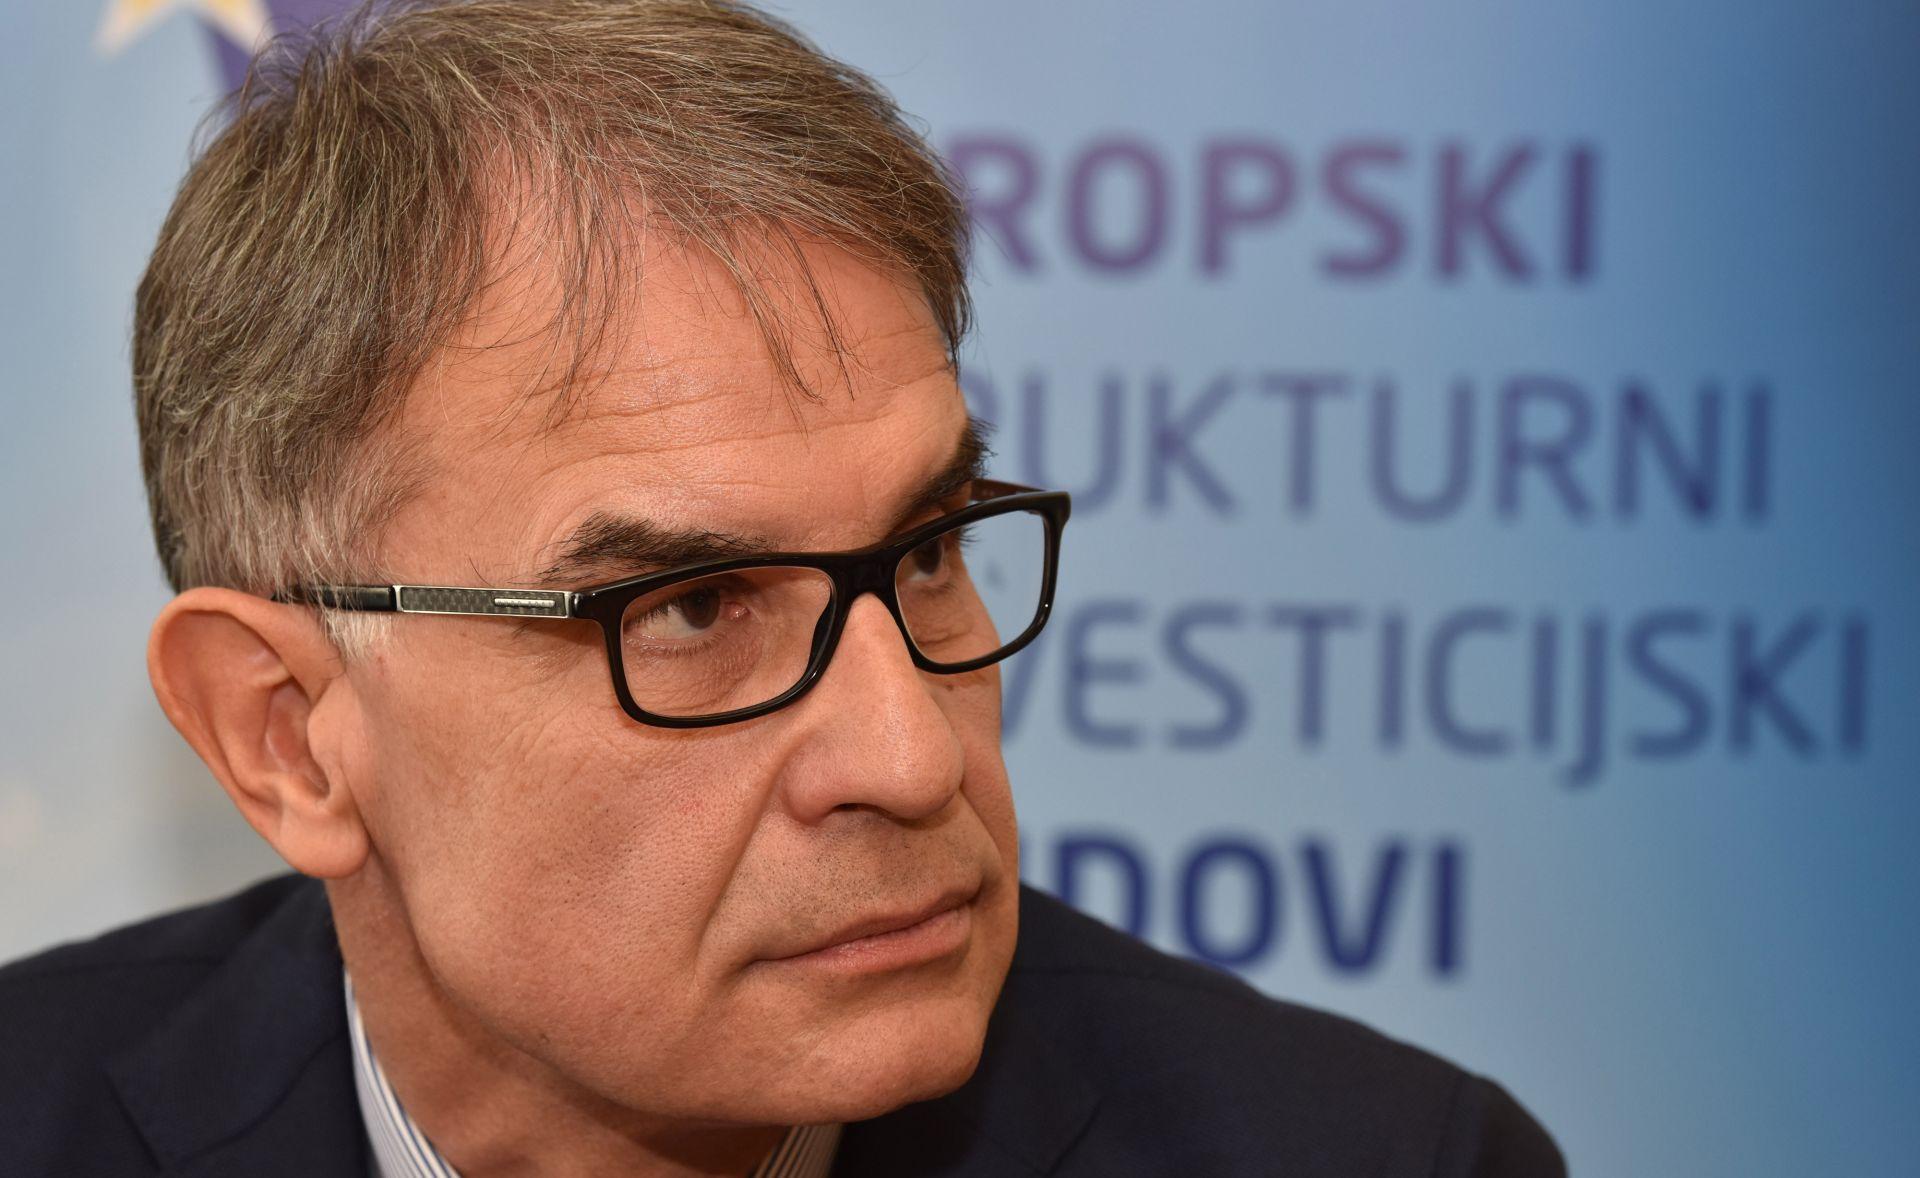 ZADAR Cappelli najavio povoljne kredite za rekategorizaciju